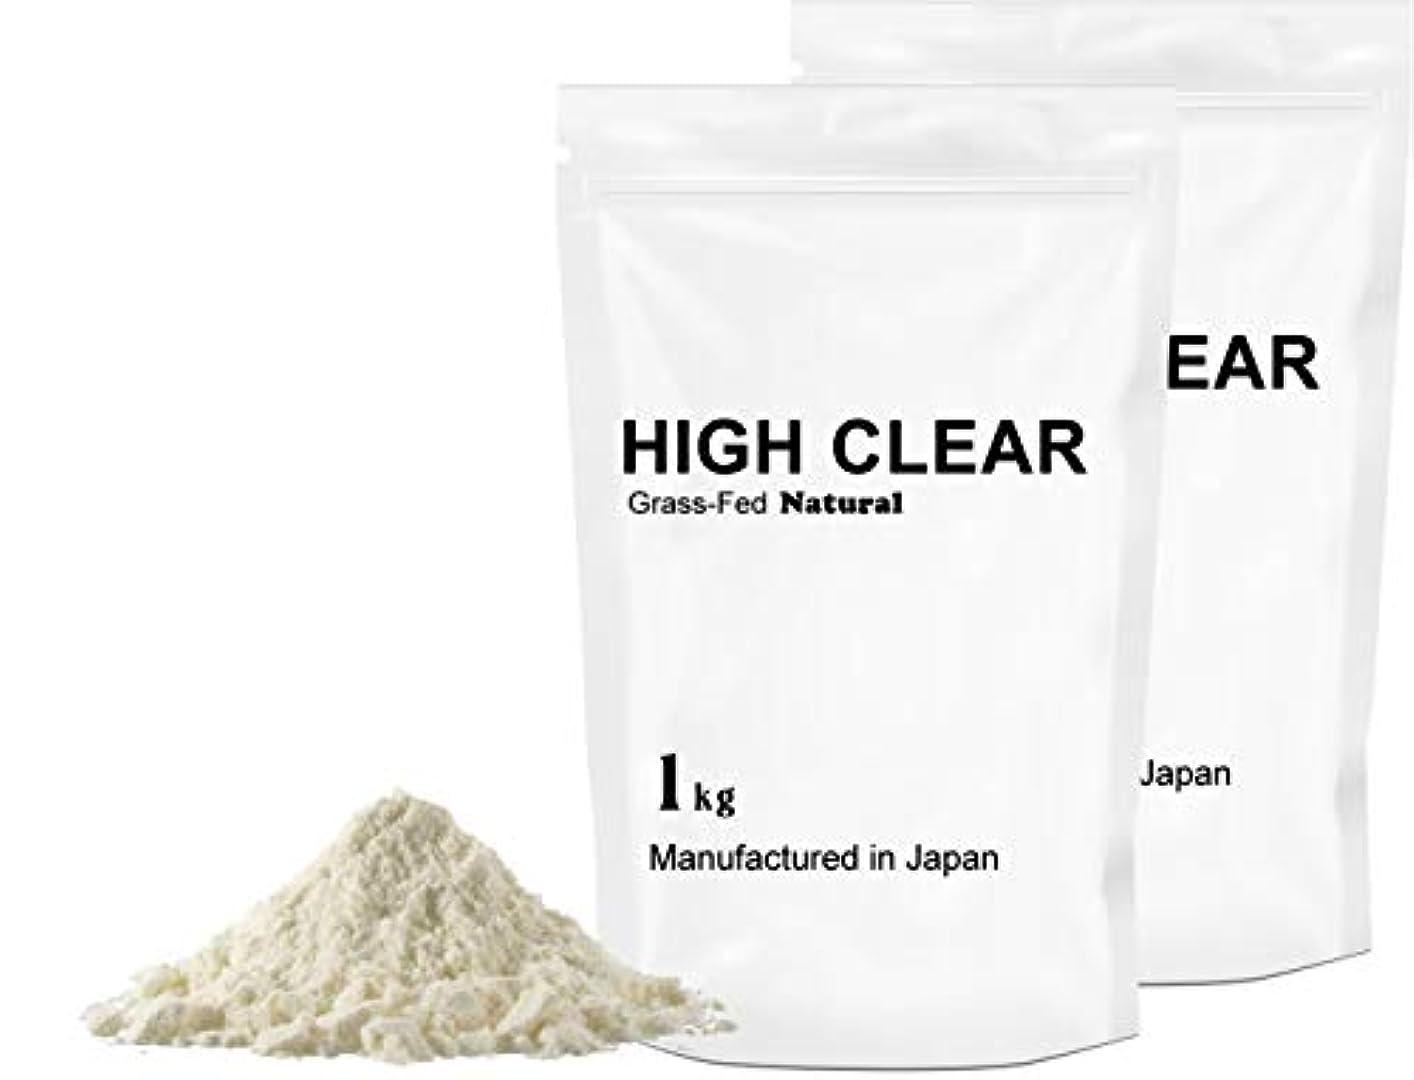 非難する保護ポータル【2kgお徳用】WPCグラスフェッド プレーン1kg×2個(約80食) HIGH CLEAR(ハイクリアー)